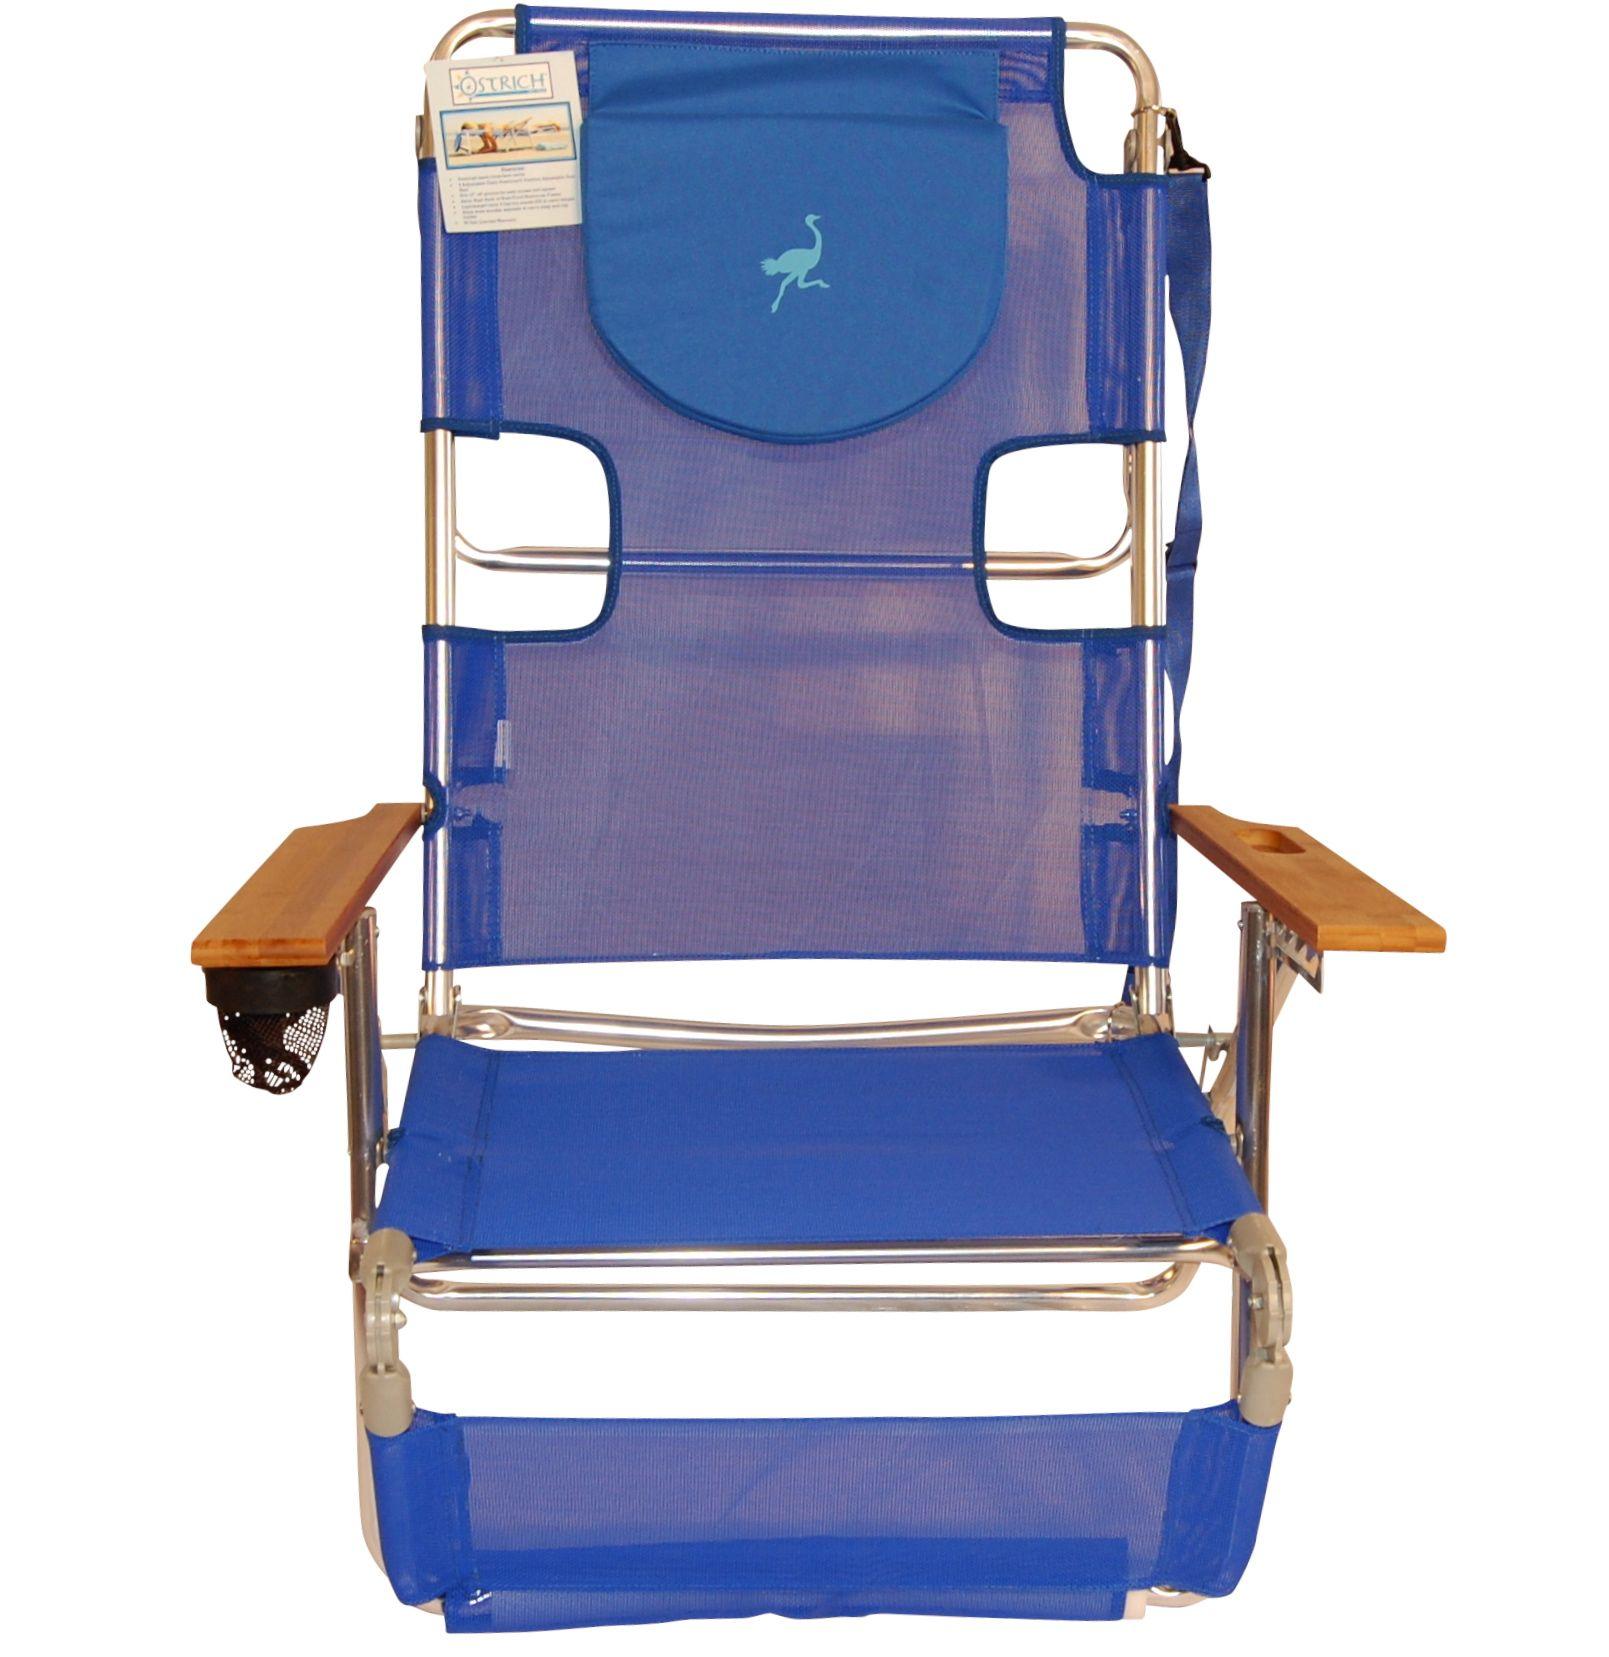 Ostrich 3N1 Beach Chair Blue Beach chairs, Beach